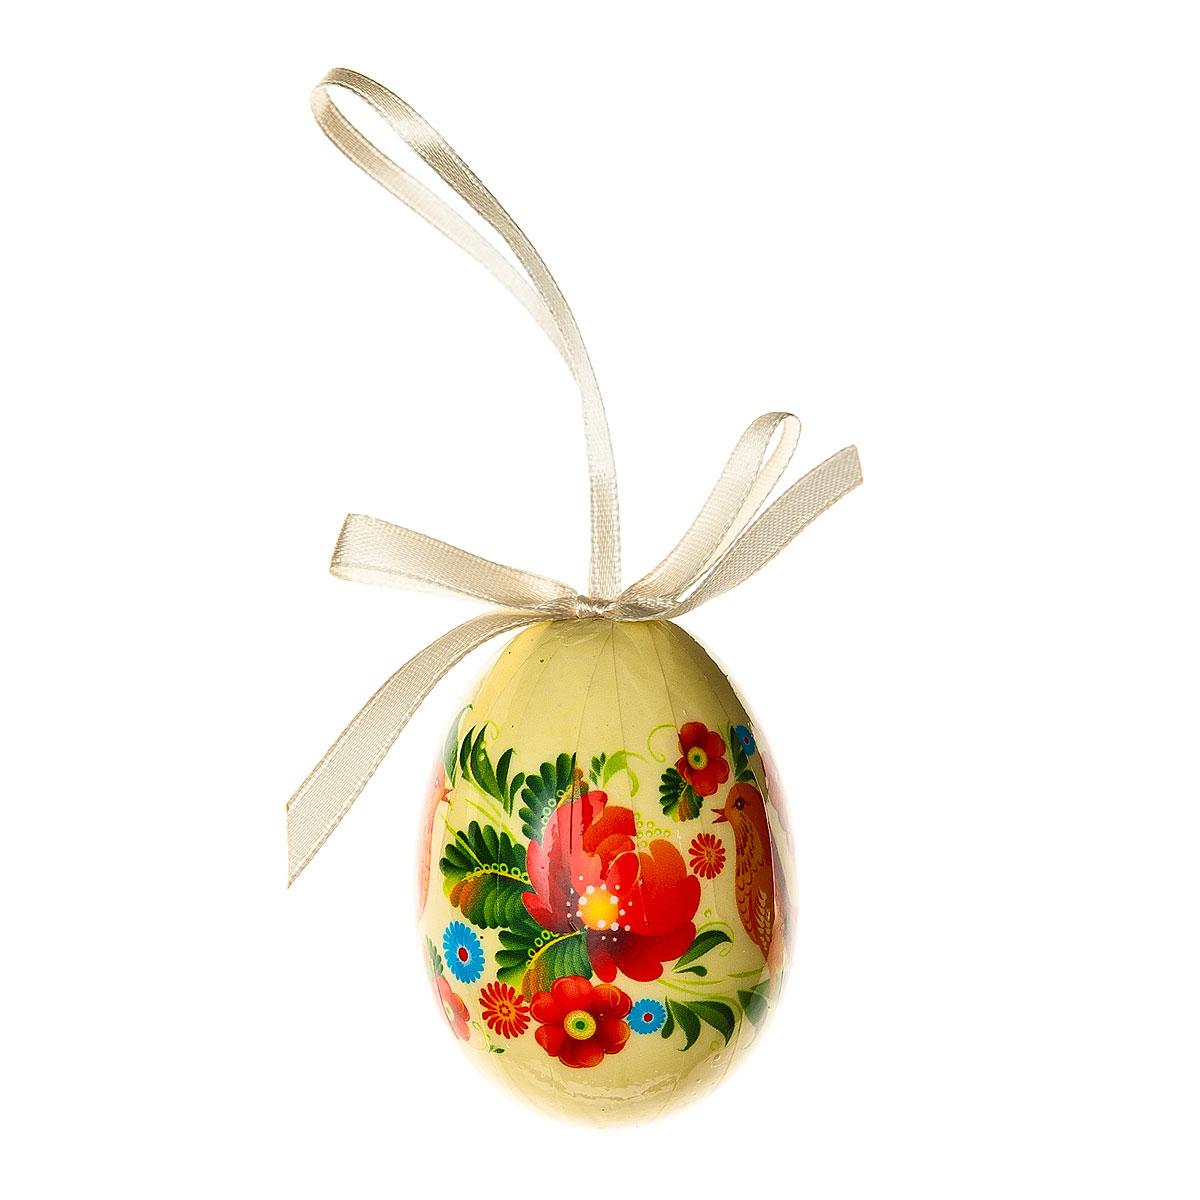 Декоративное подвесное украшение Home Queen Народная роспись, цвет: бежевый68283_3Подвесное украшение Home Queen Народная роспись, выполненное в форме яйца, изготовлено из пластика и декорировано изображением птицы и цветочным орнаментом. Изделие оснащено петелькой для подвешивания.Такое украшение прекрасно оформит интерьер дома или станет замечательным подарком для друзей и близких на Пасху. Размер яйца: 4 см х 4 см х 6 см.